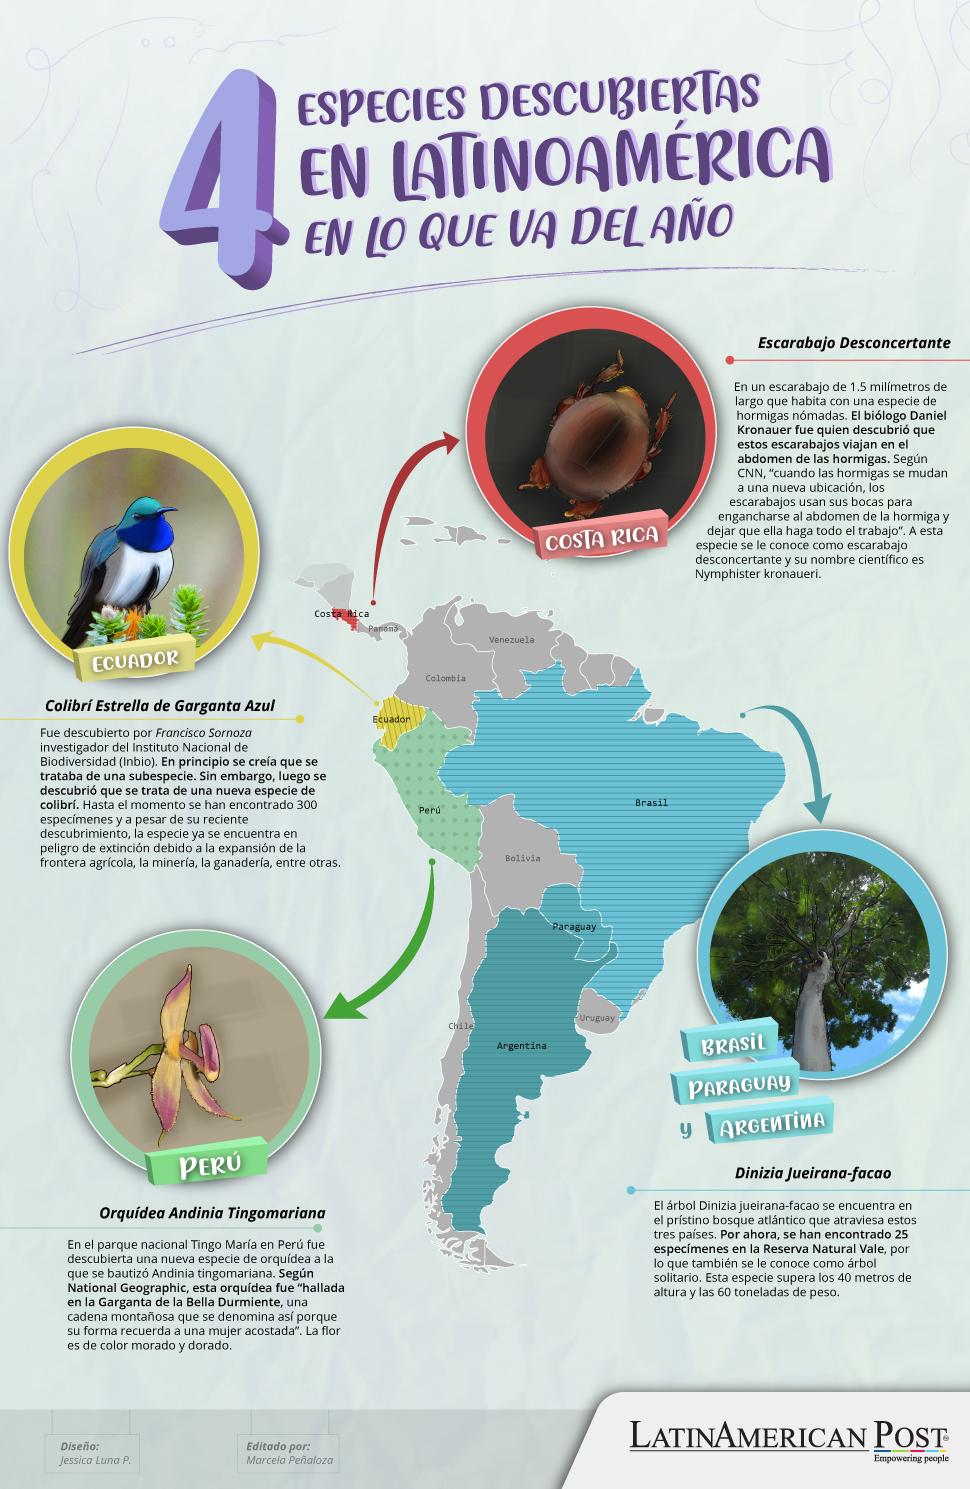 4 especies descubiertas en Latinoamérica en lo que va del año